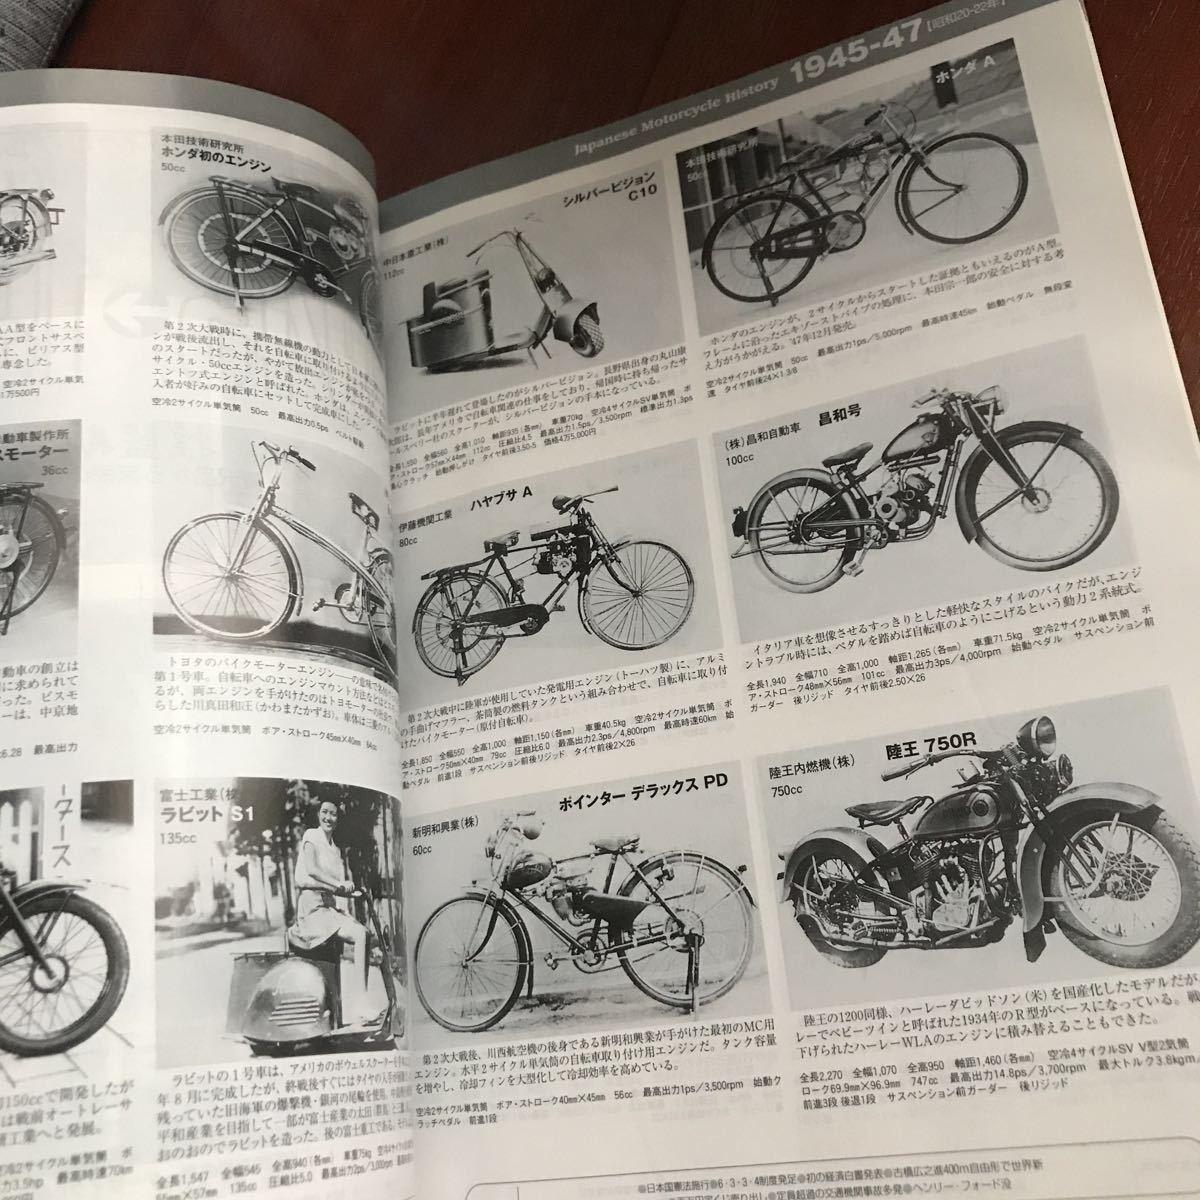 日本モーターサイクル史 1945~2007 八重洲出版創立50周年記念企画 希少 バイク 貴重 レア 即決あり_画像4